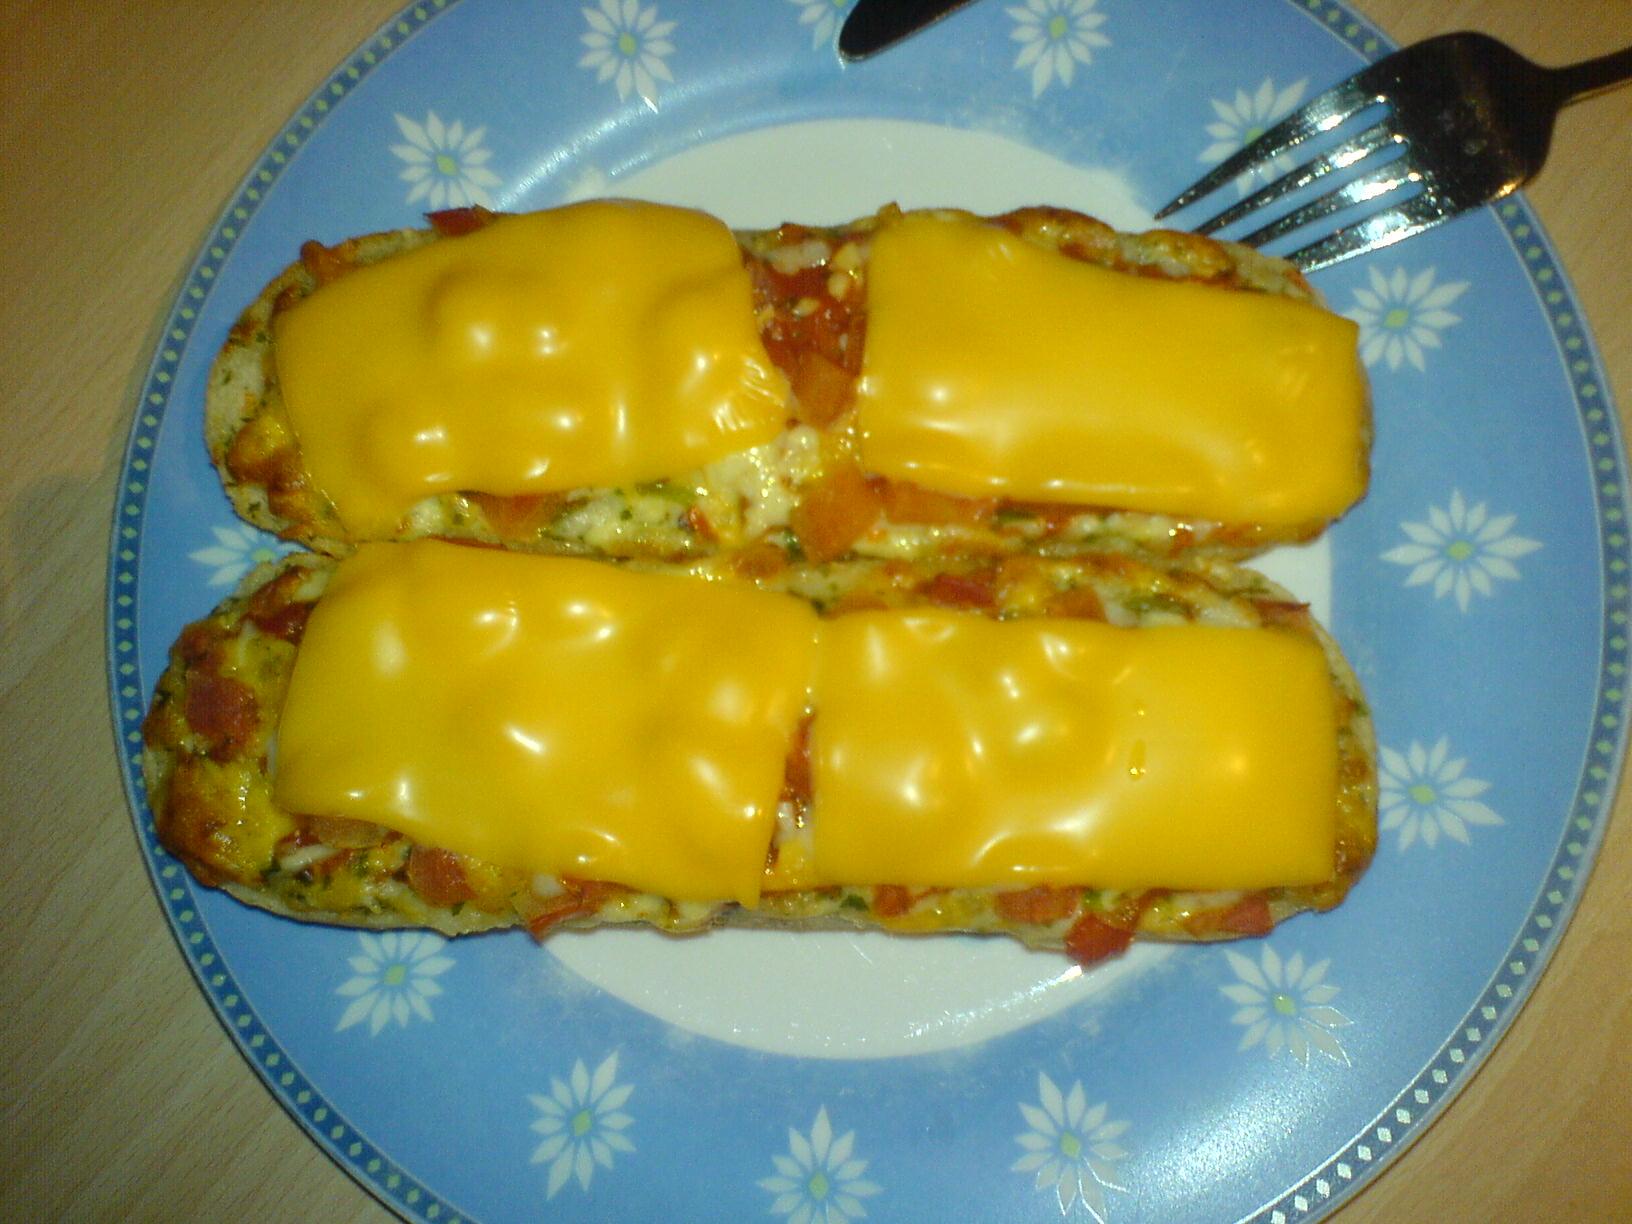 https://foodloader.net/Holz_2008-02-15_Bistro-Baguettes.jpg